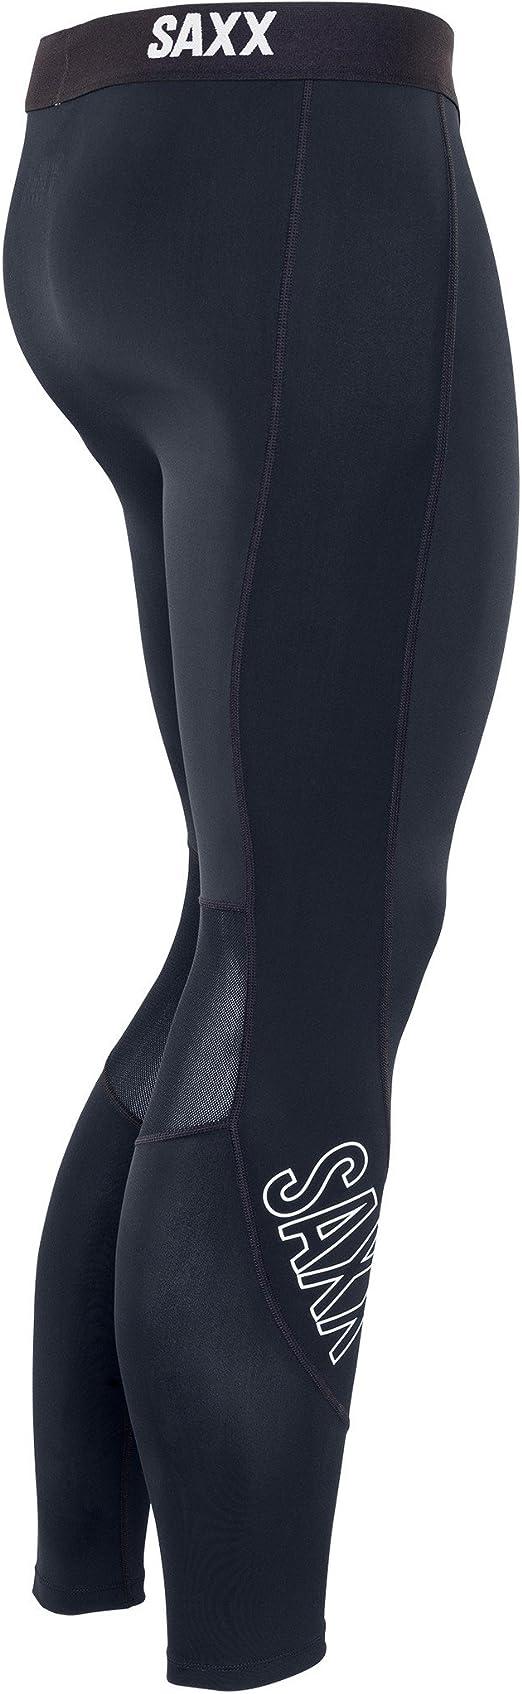 Saxx Underwear Mens Force Long John SXCJ29-BLS